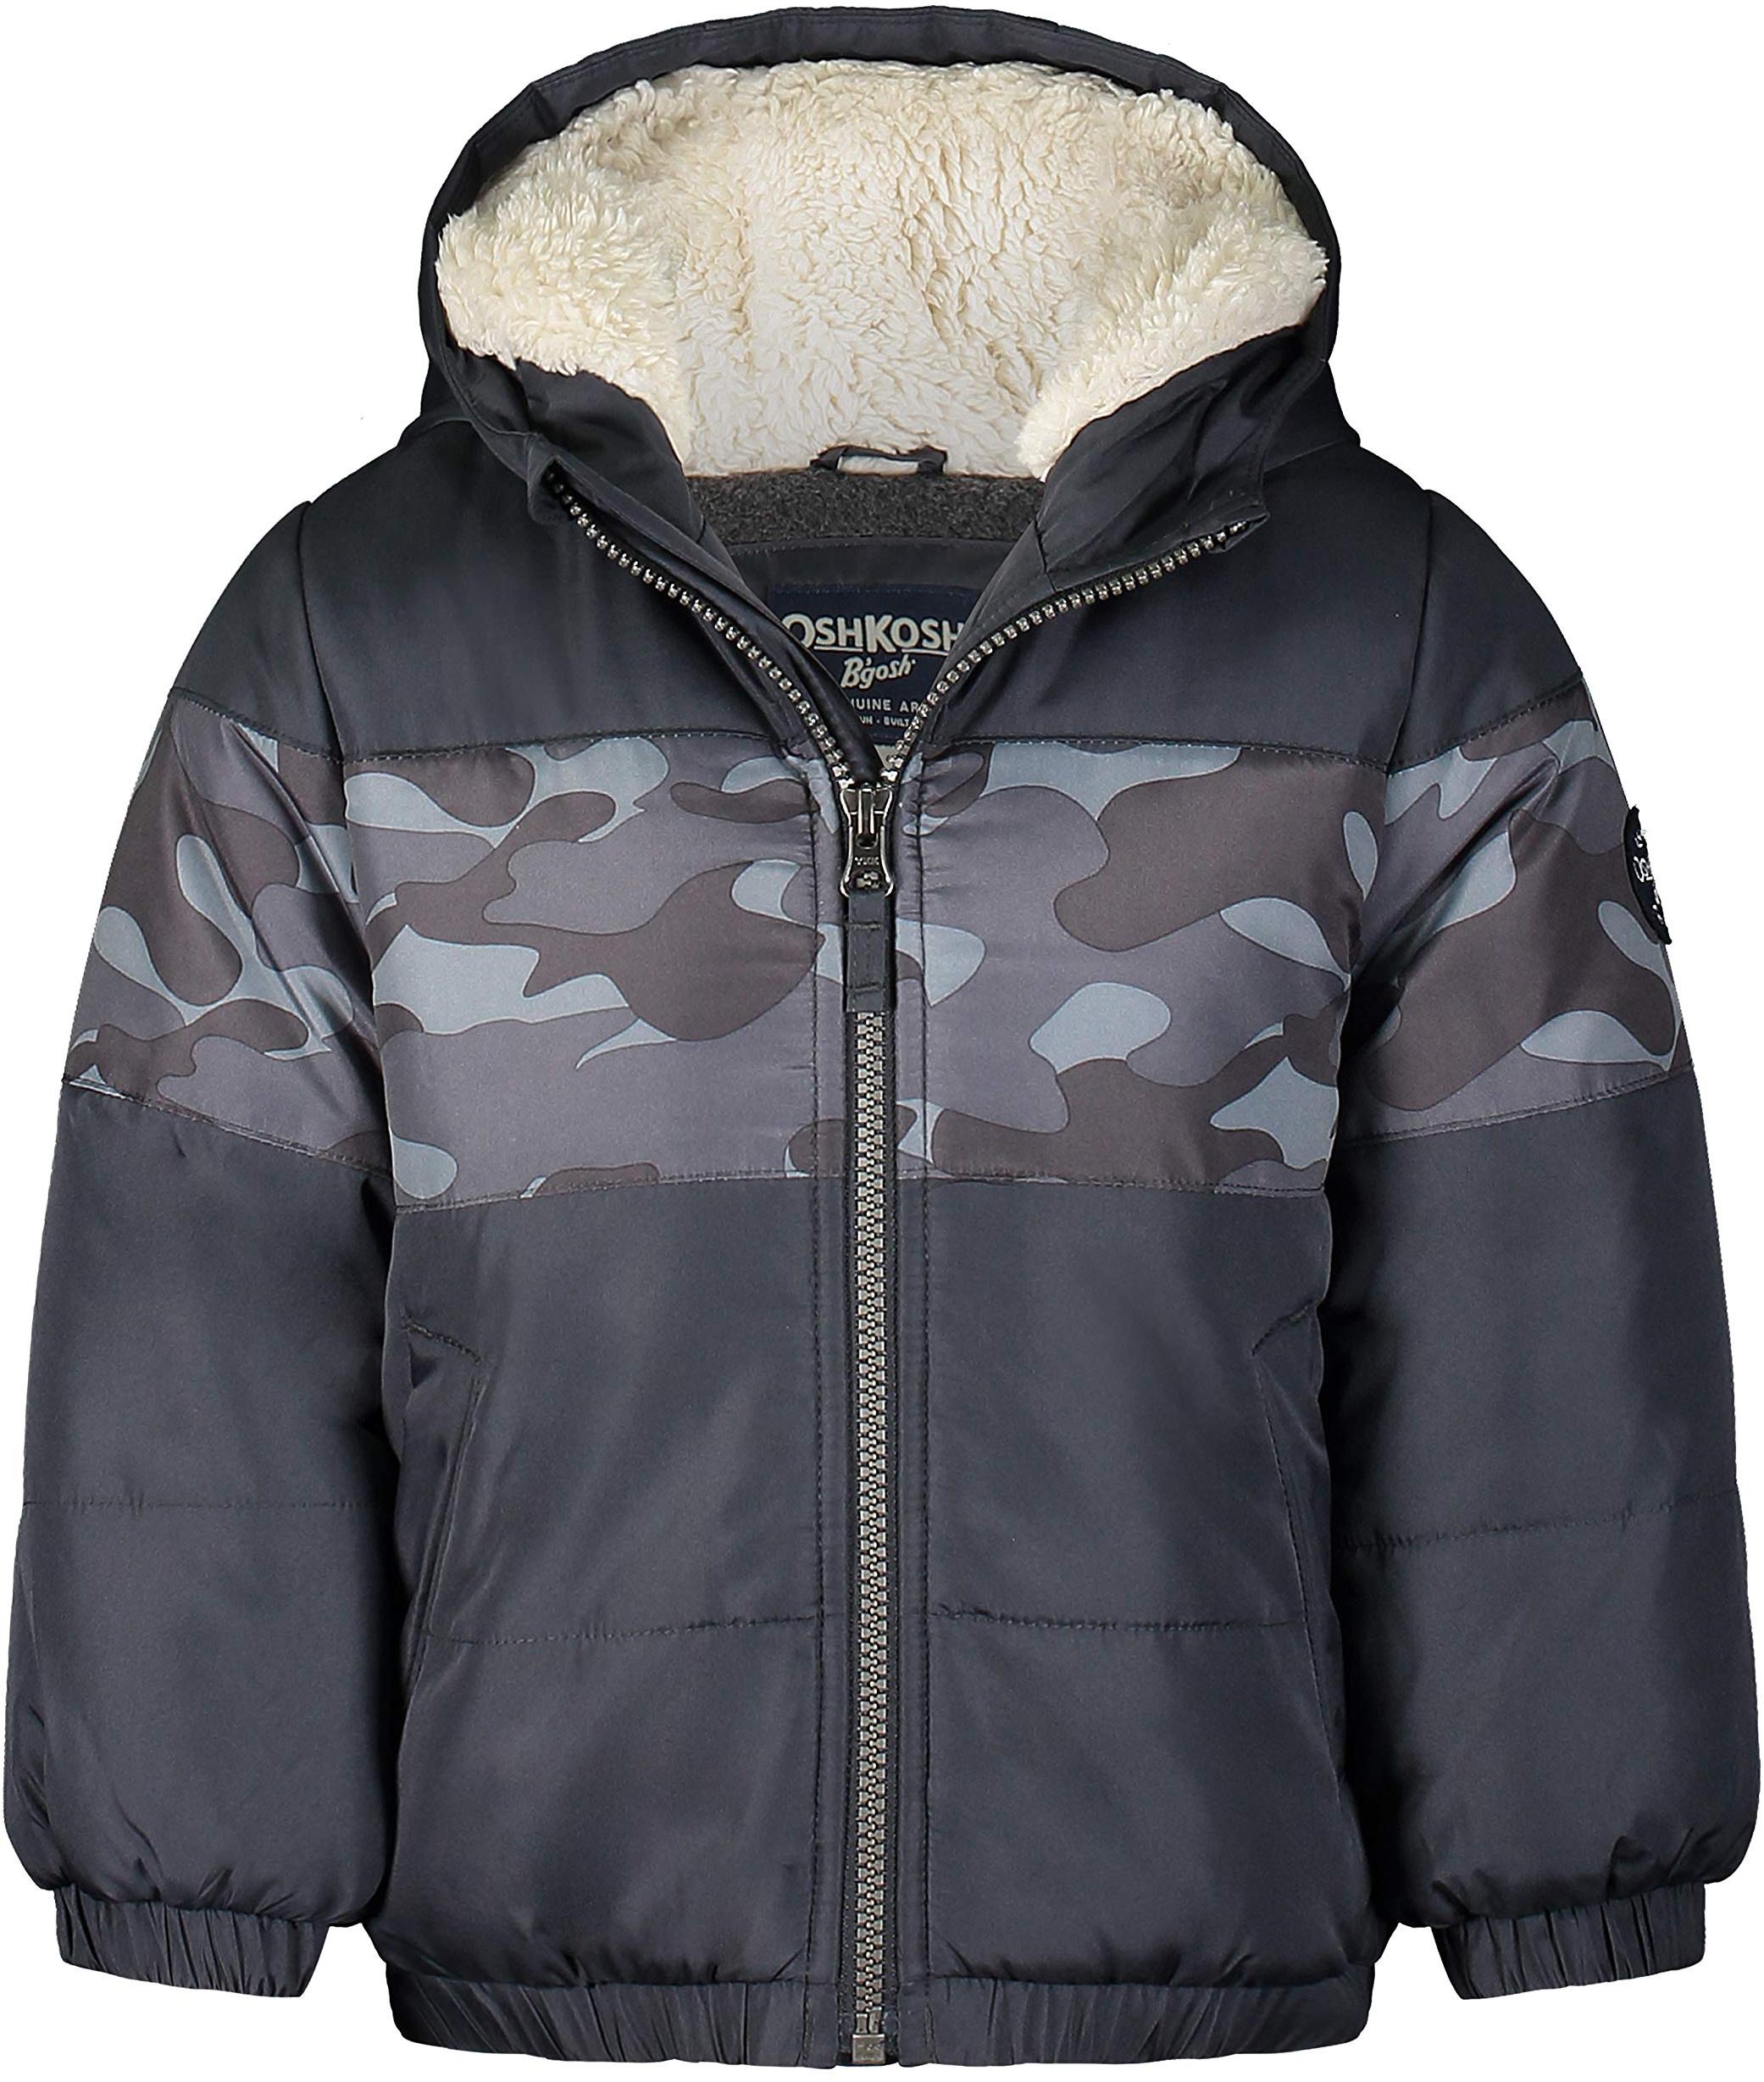 Плотная зимняя куртка с подкладкой из искусственной шерпы OshKosh B'gosh